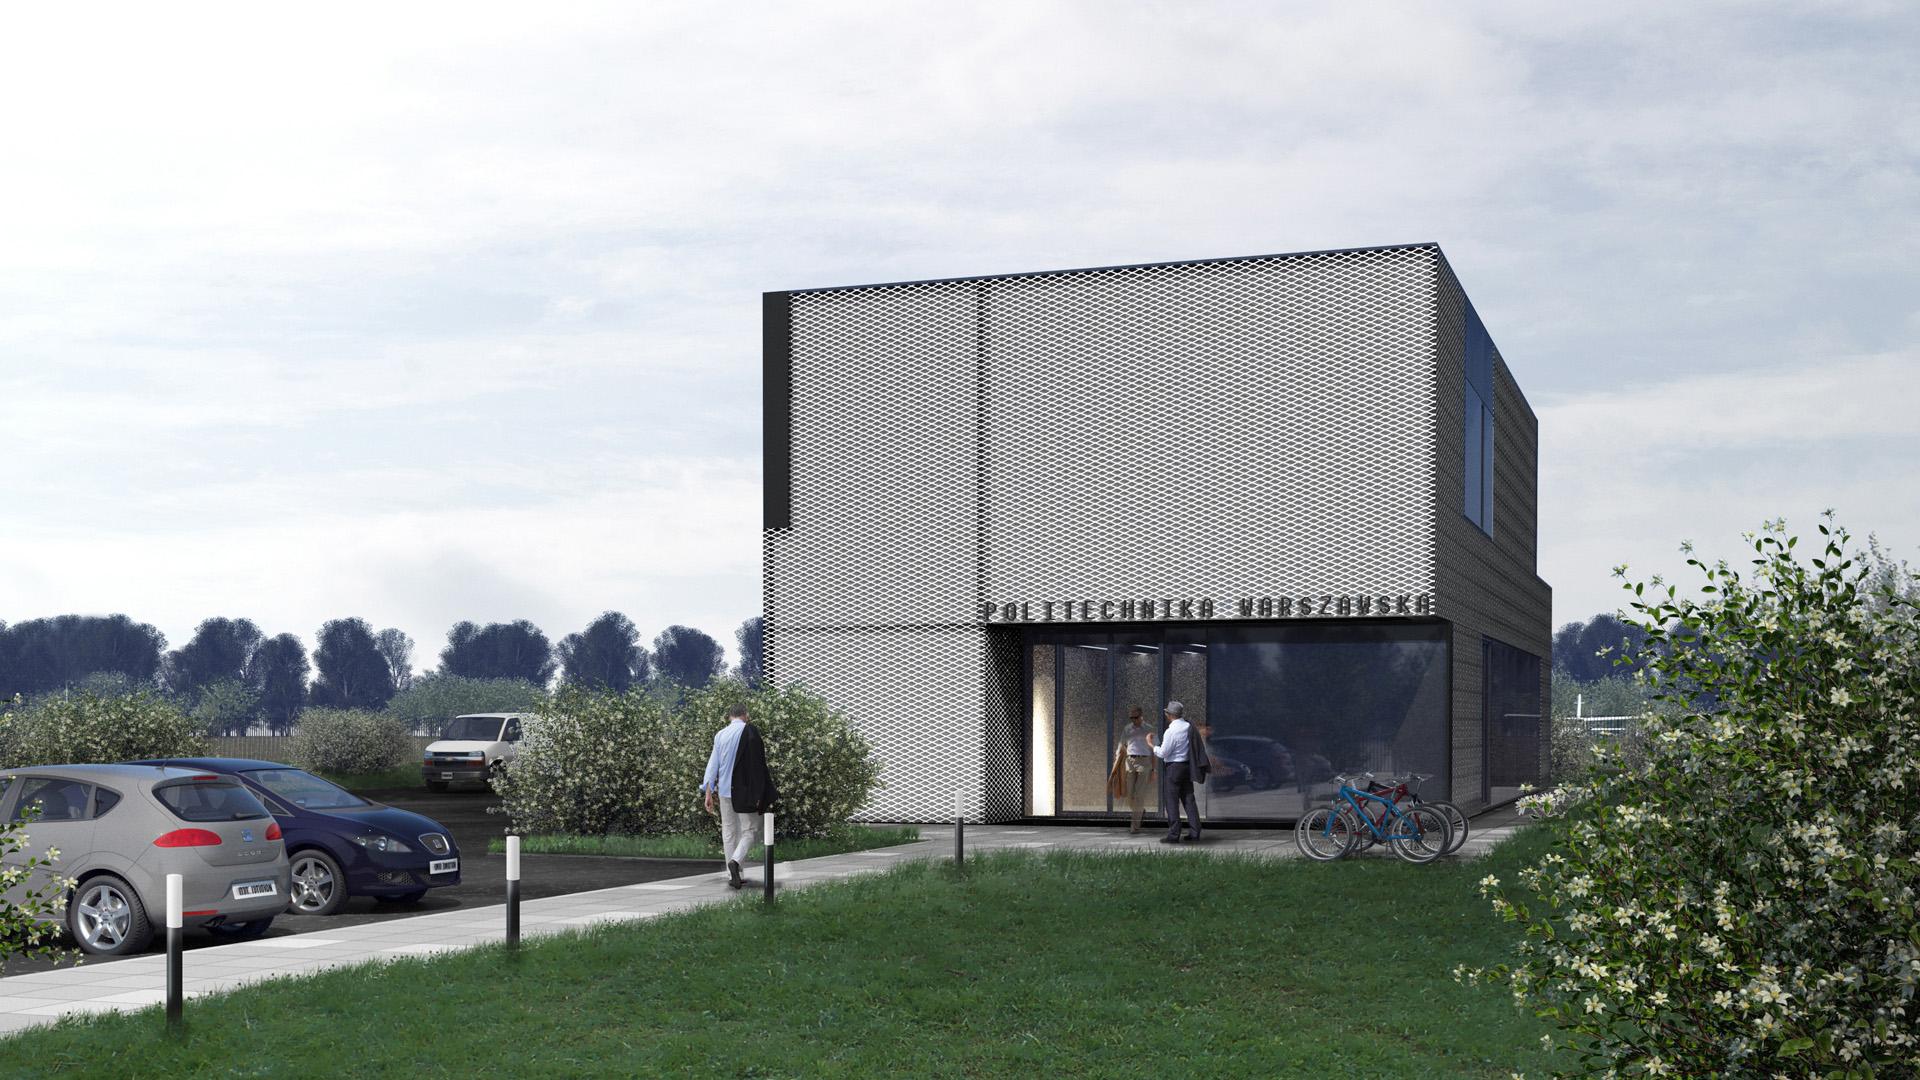 Budynek biurowy Politechniki Warszawskiej w Sierakowie. Projekt budynku biurowego BAZA architekci.